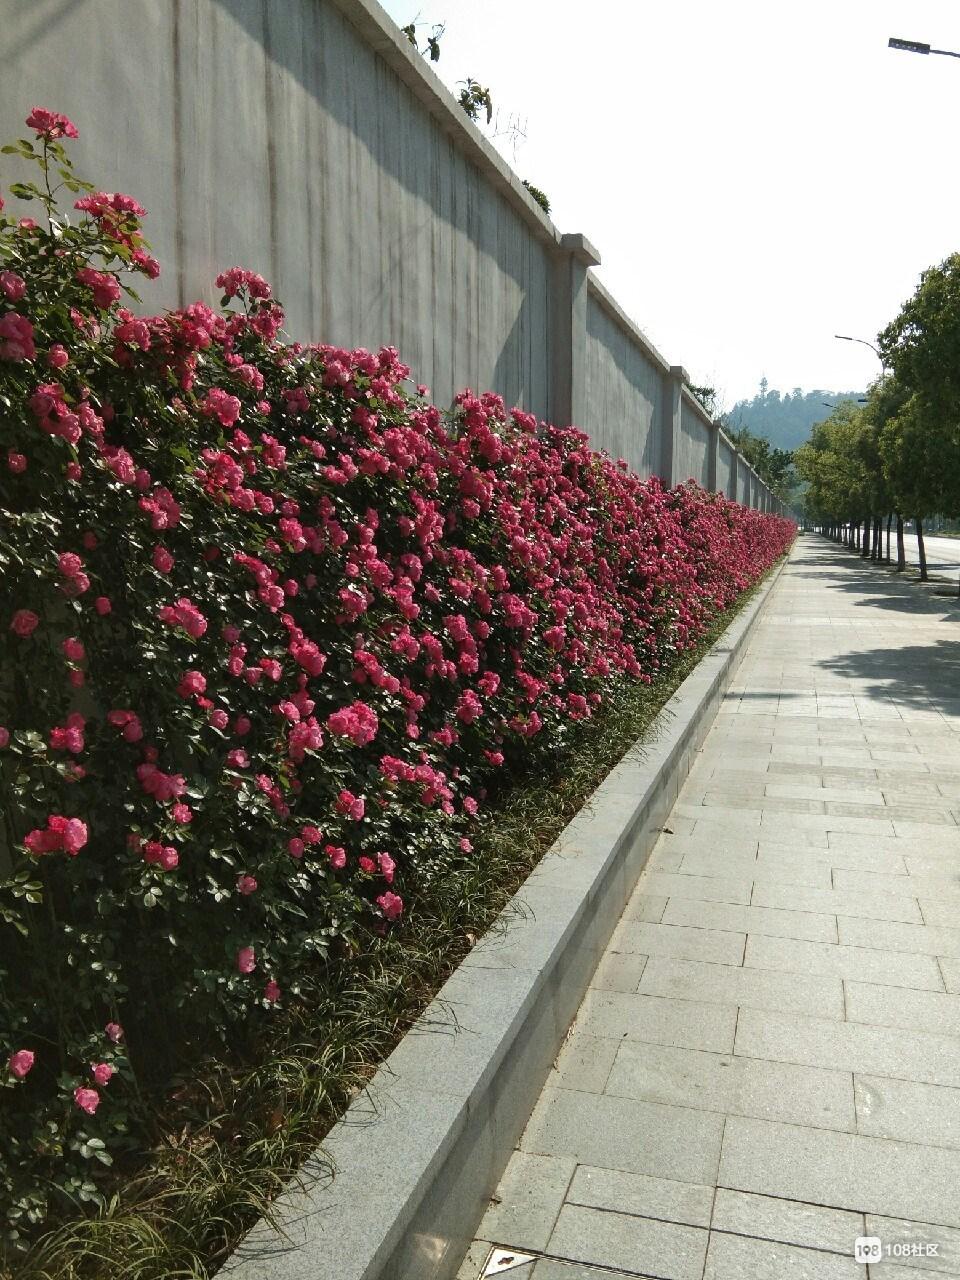 又一网红打卡地?舞阳街有一堵特别的墙,不少人注意到